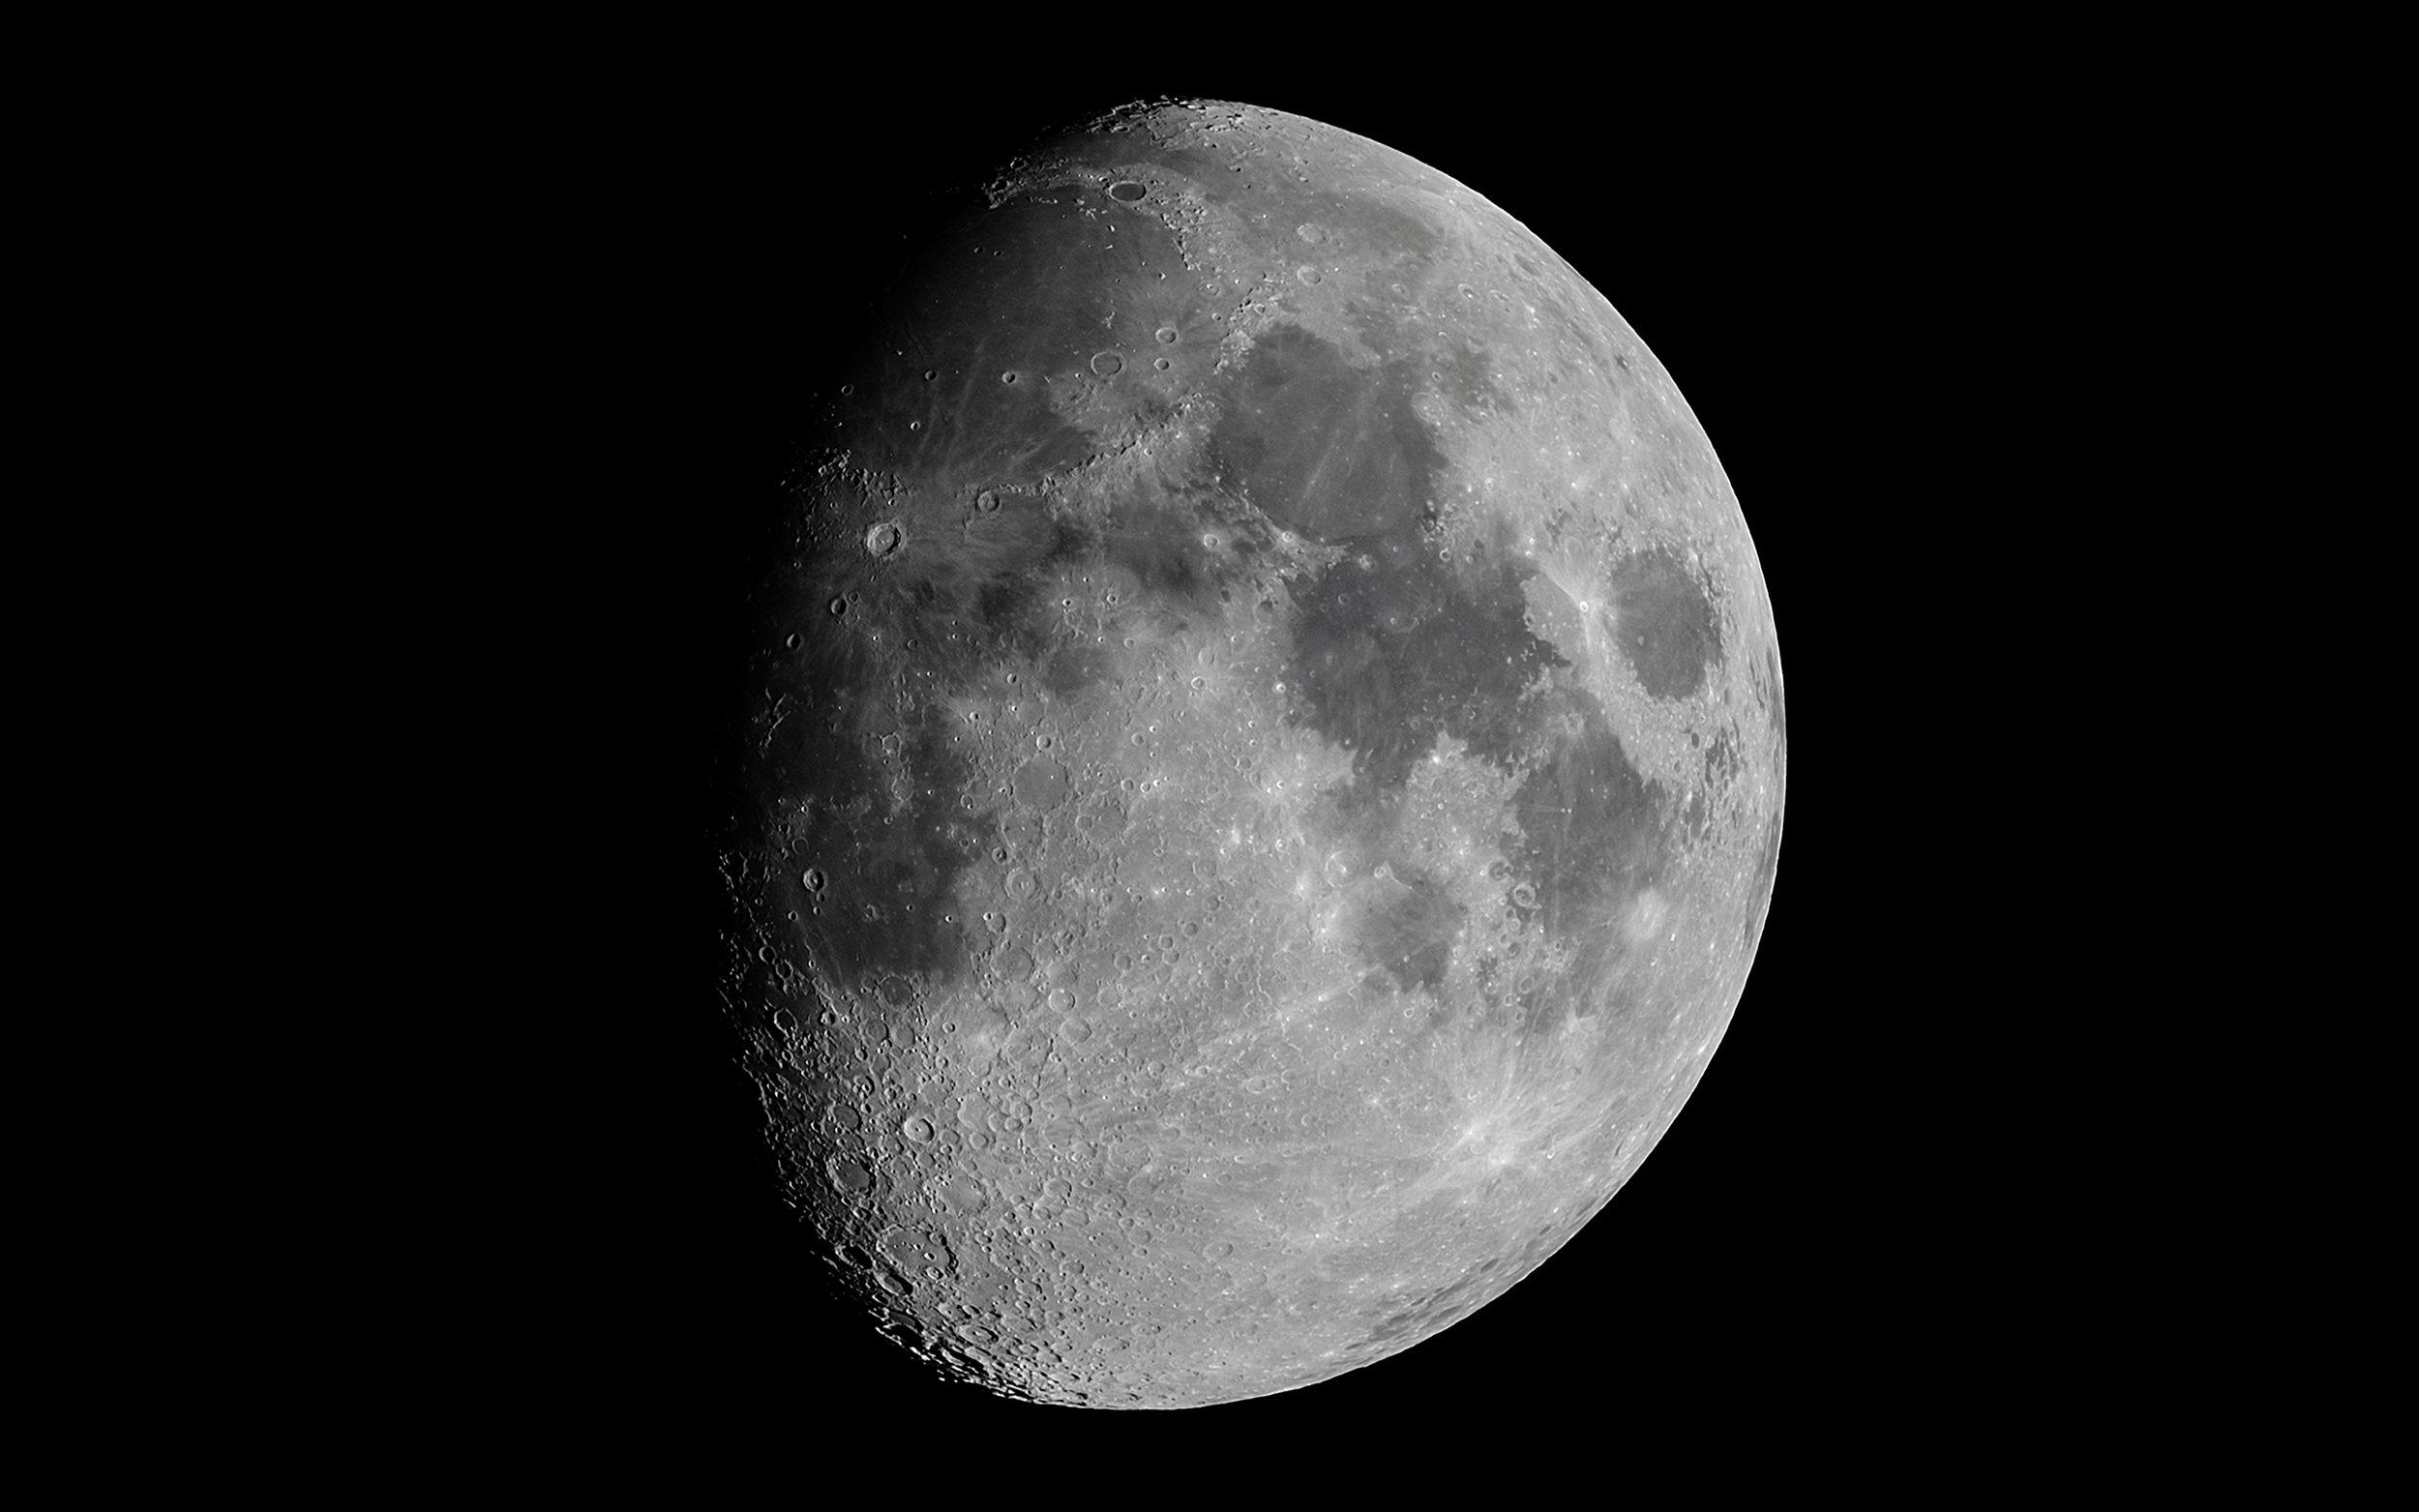 Moon (18 image stack in Registax 6)